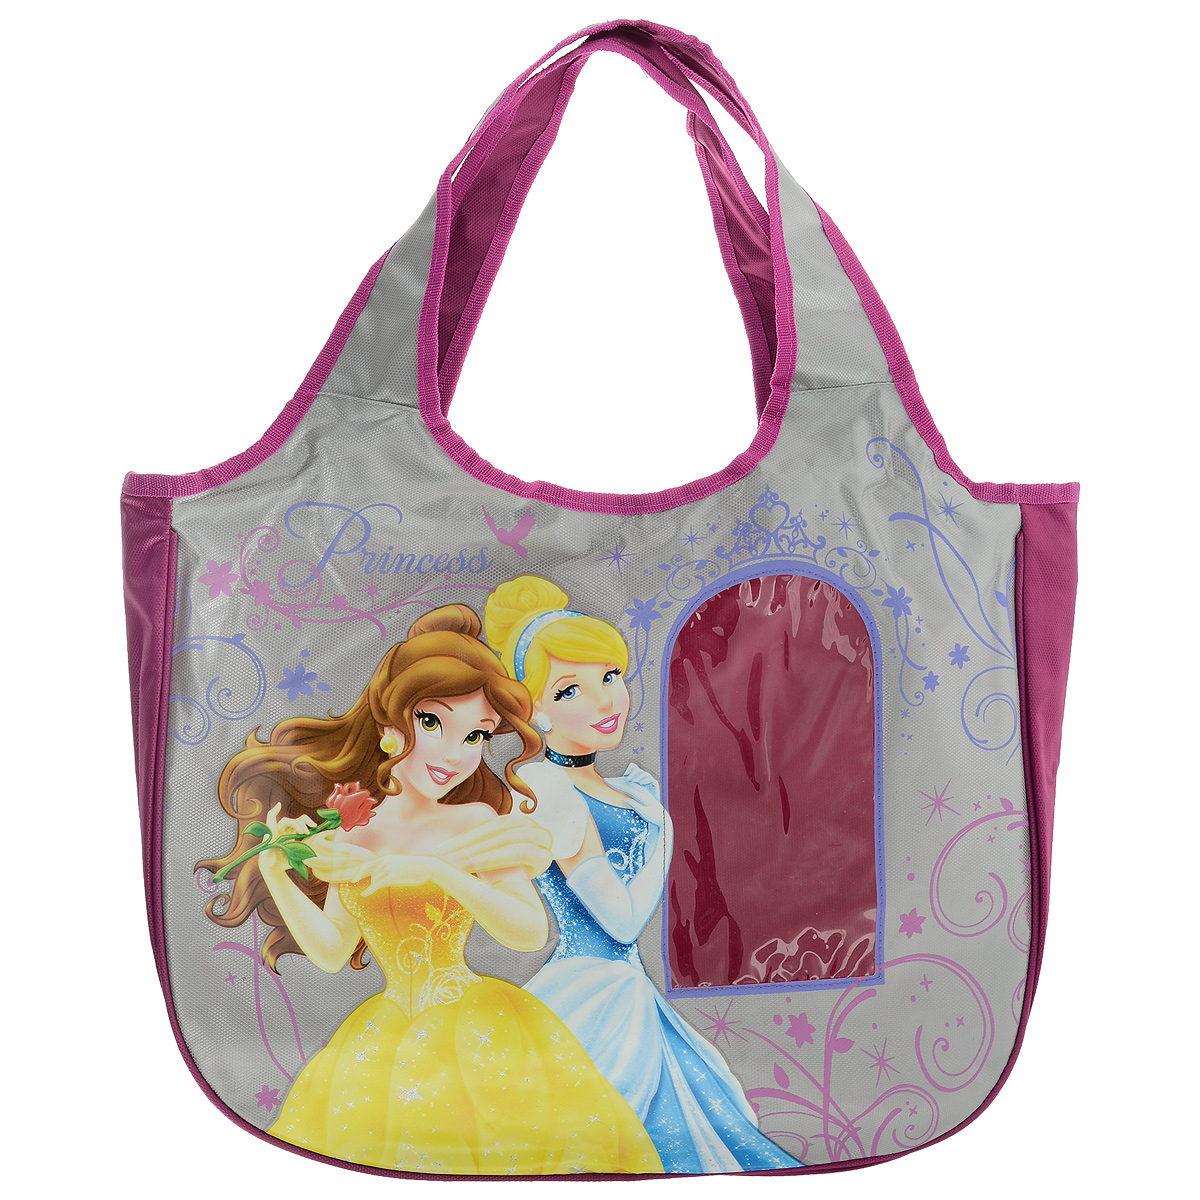 Сумка детская Disney Princess, цвет: розовый, серый. PRAS-UT-1445730396Сумка детская Disney Princess, выполненная из плотного, водоотталкивающего полиэстера, оформлена изображением прекрасных принцесс.Сумочка имеет одно большое вместительное отделение, закрывающееся на застежку-молнию, куда можно положить все необходимые принадлежности и аксессуары. На лицевой стороне сумки имеется небольшая прозрачная вставка в виде окна. Внутри отделения расположен карман-кошелек на молнии. Сумочка оснащена двумя ручками для переноски, которые выполнены цельными с основой.Сумка Disney Princess - идеальный вариант аксессуара на время прогулки или путешествия.